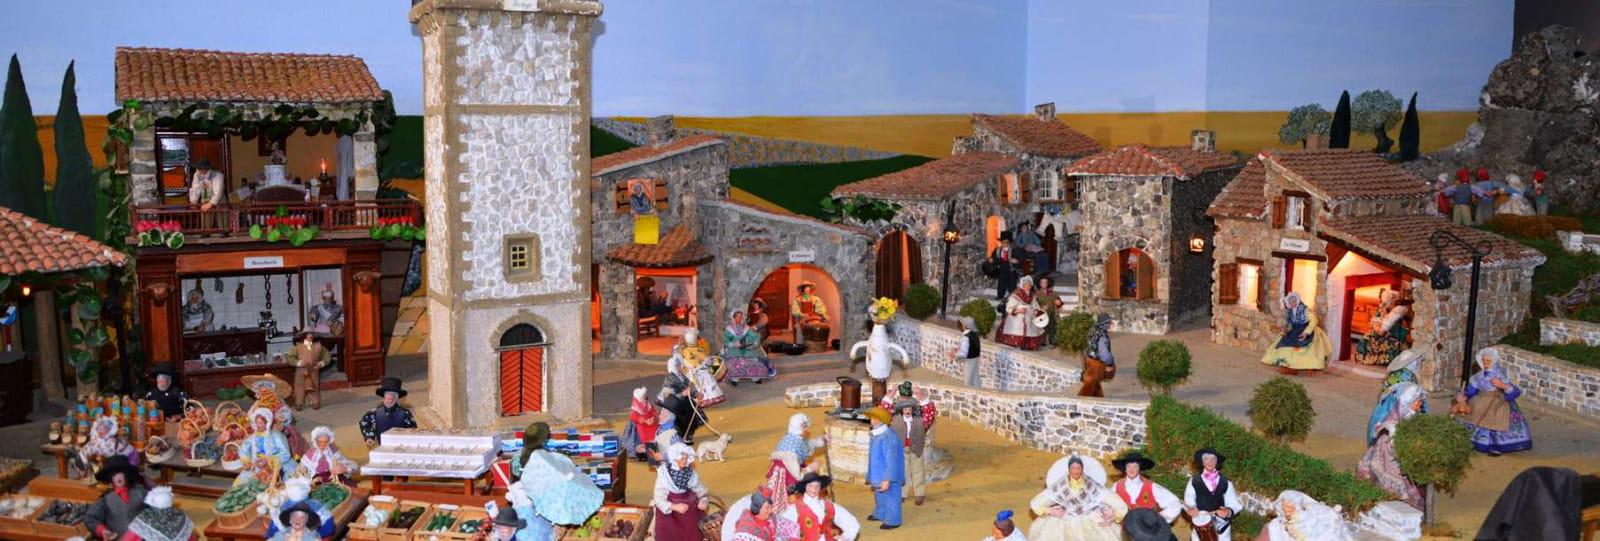 Village Provençal Aimé et Simone BRUN